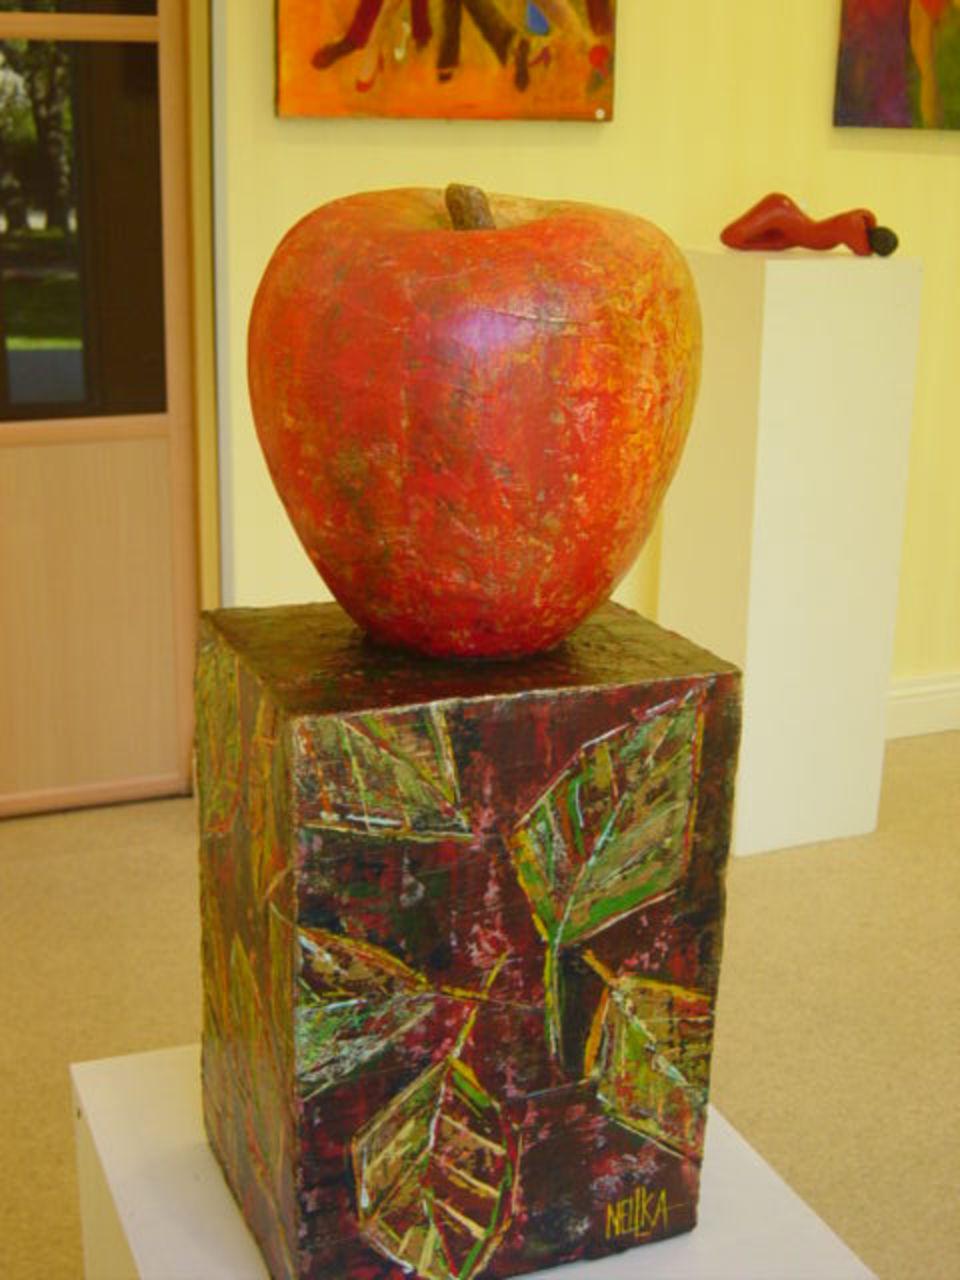 Nellka (Nelya Kantserova) Pomme